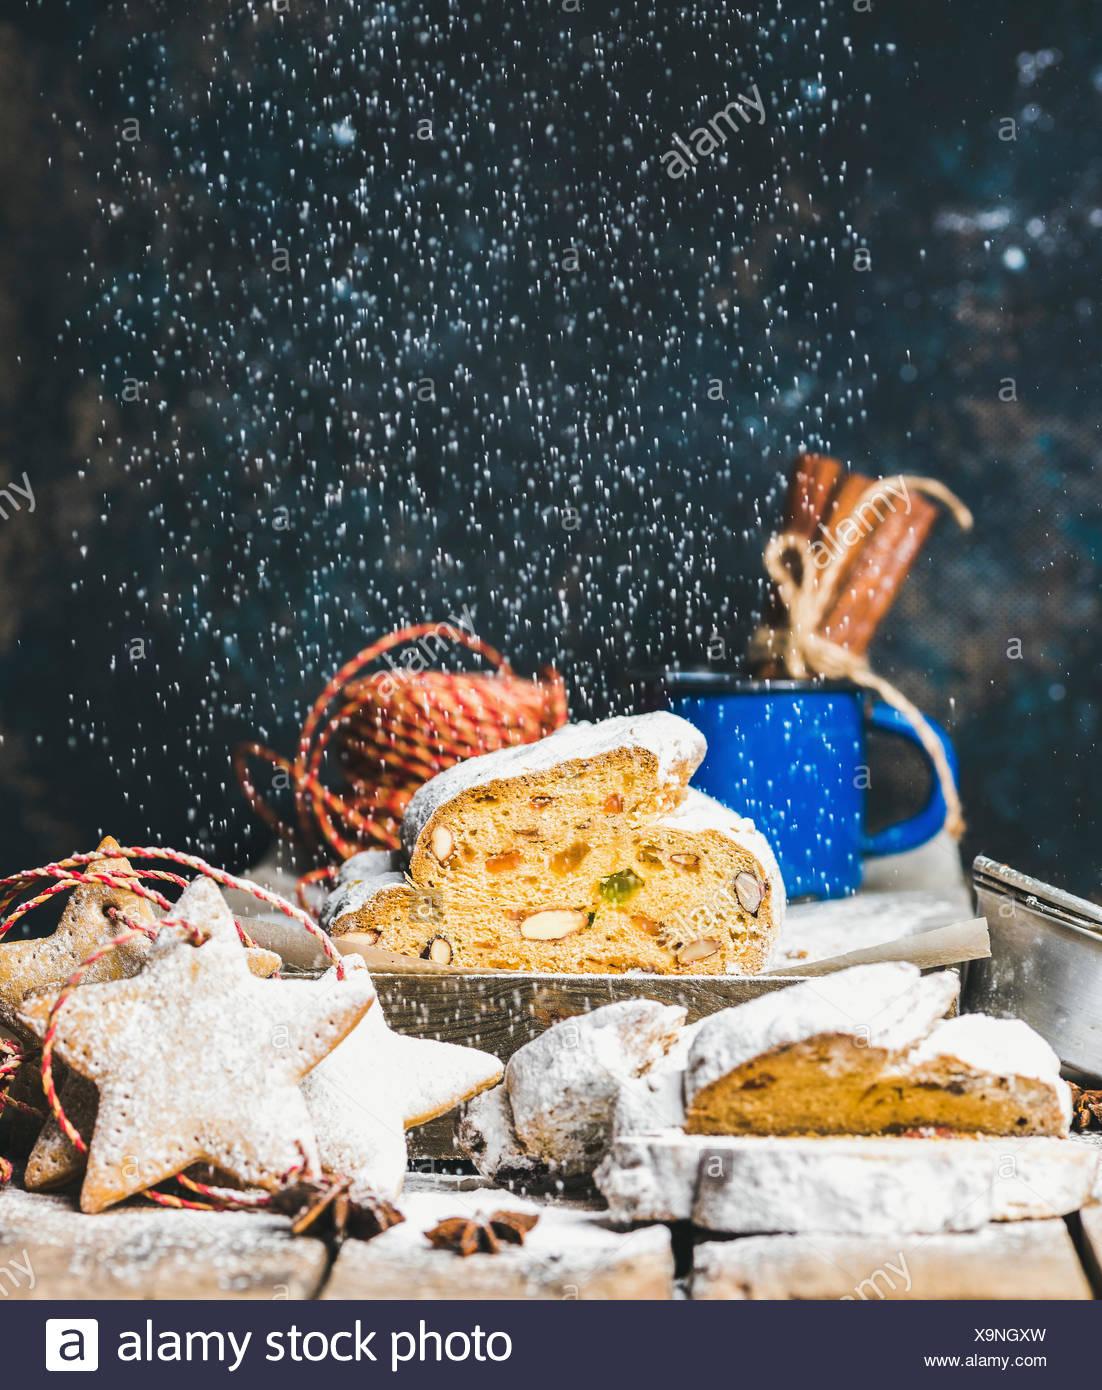 Stück des traditionellen deutschen Weihnachtskuchen Stollen mit festlichen Lebkuchen Sterne geformt, Cookies und fallende Zuckerpuder, Tiefenschärfe, dunkle Blau g Stockbild